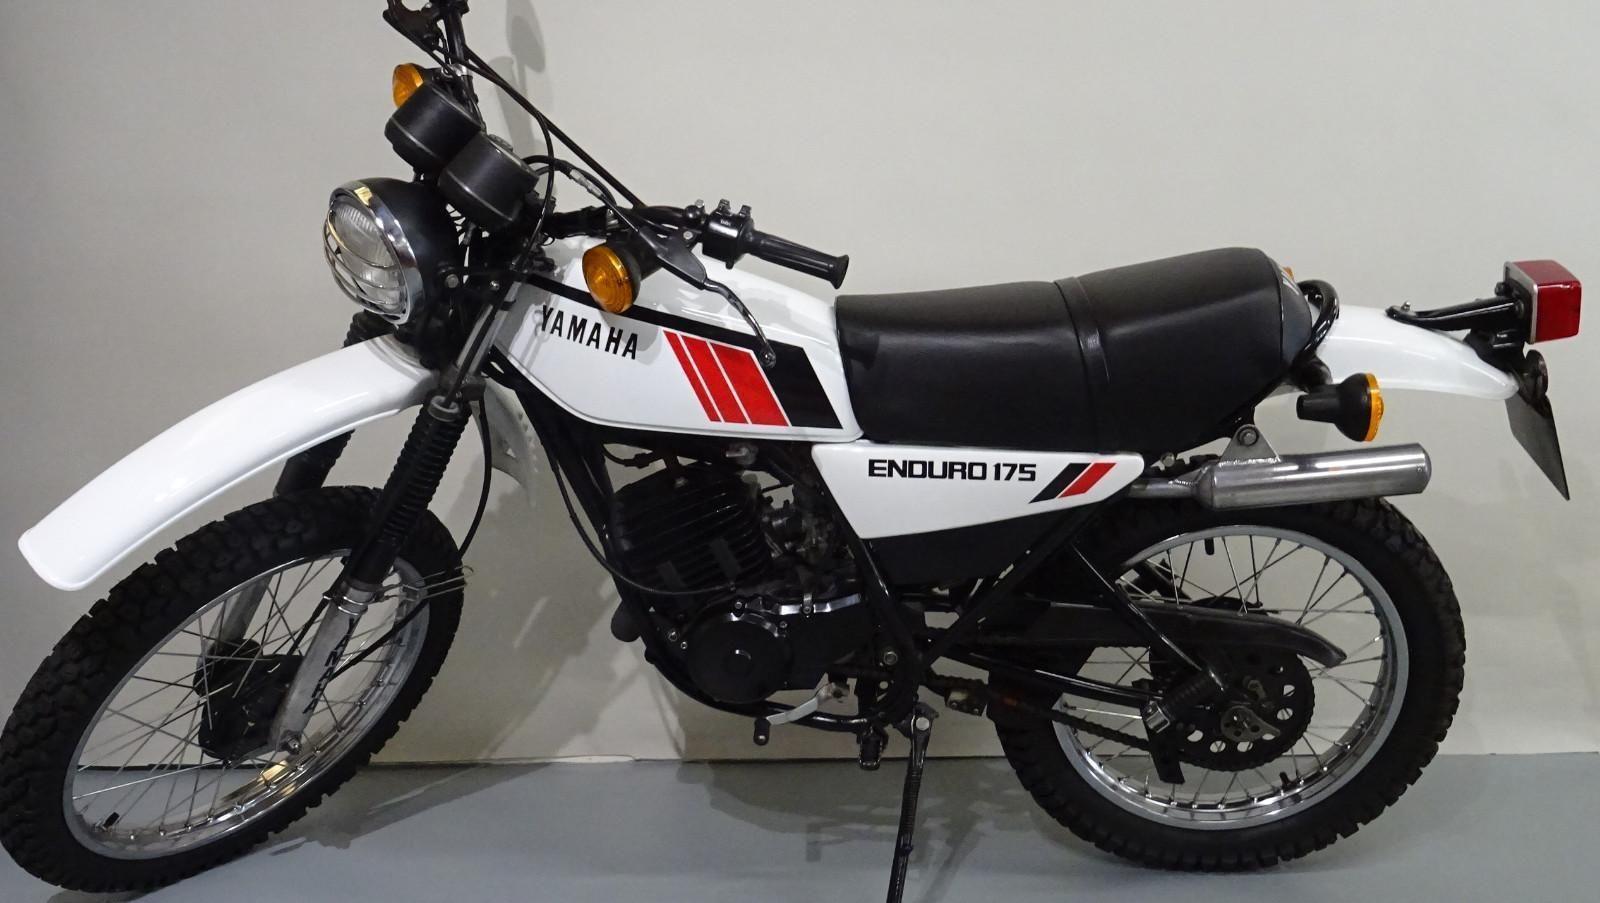 Yamaha Dt175 Fully Restored Stunning Bike With Images Yamaha